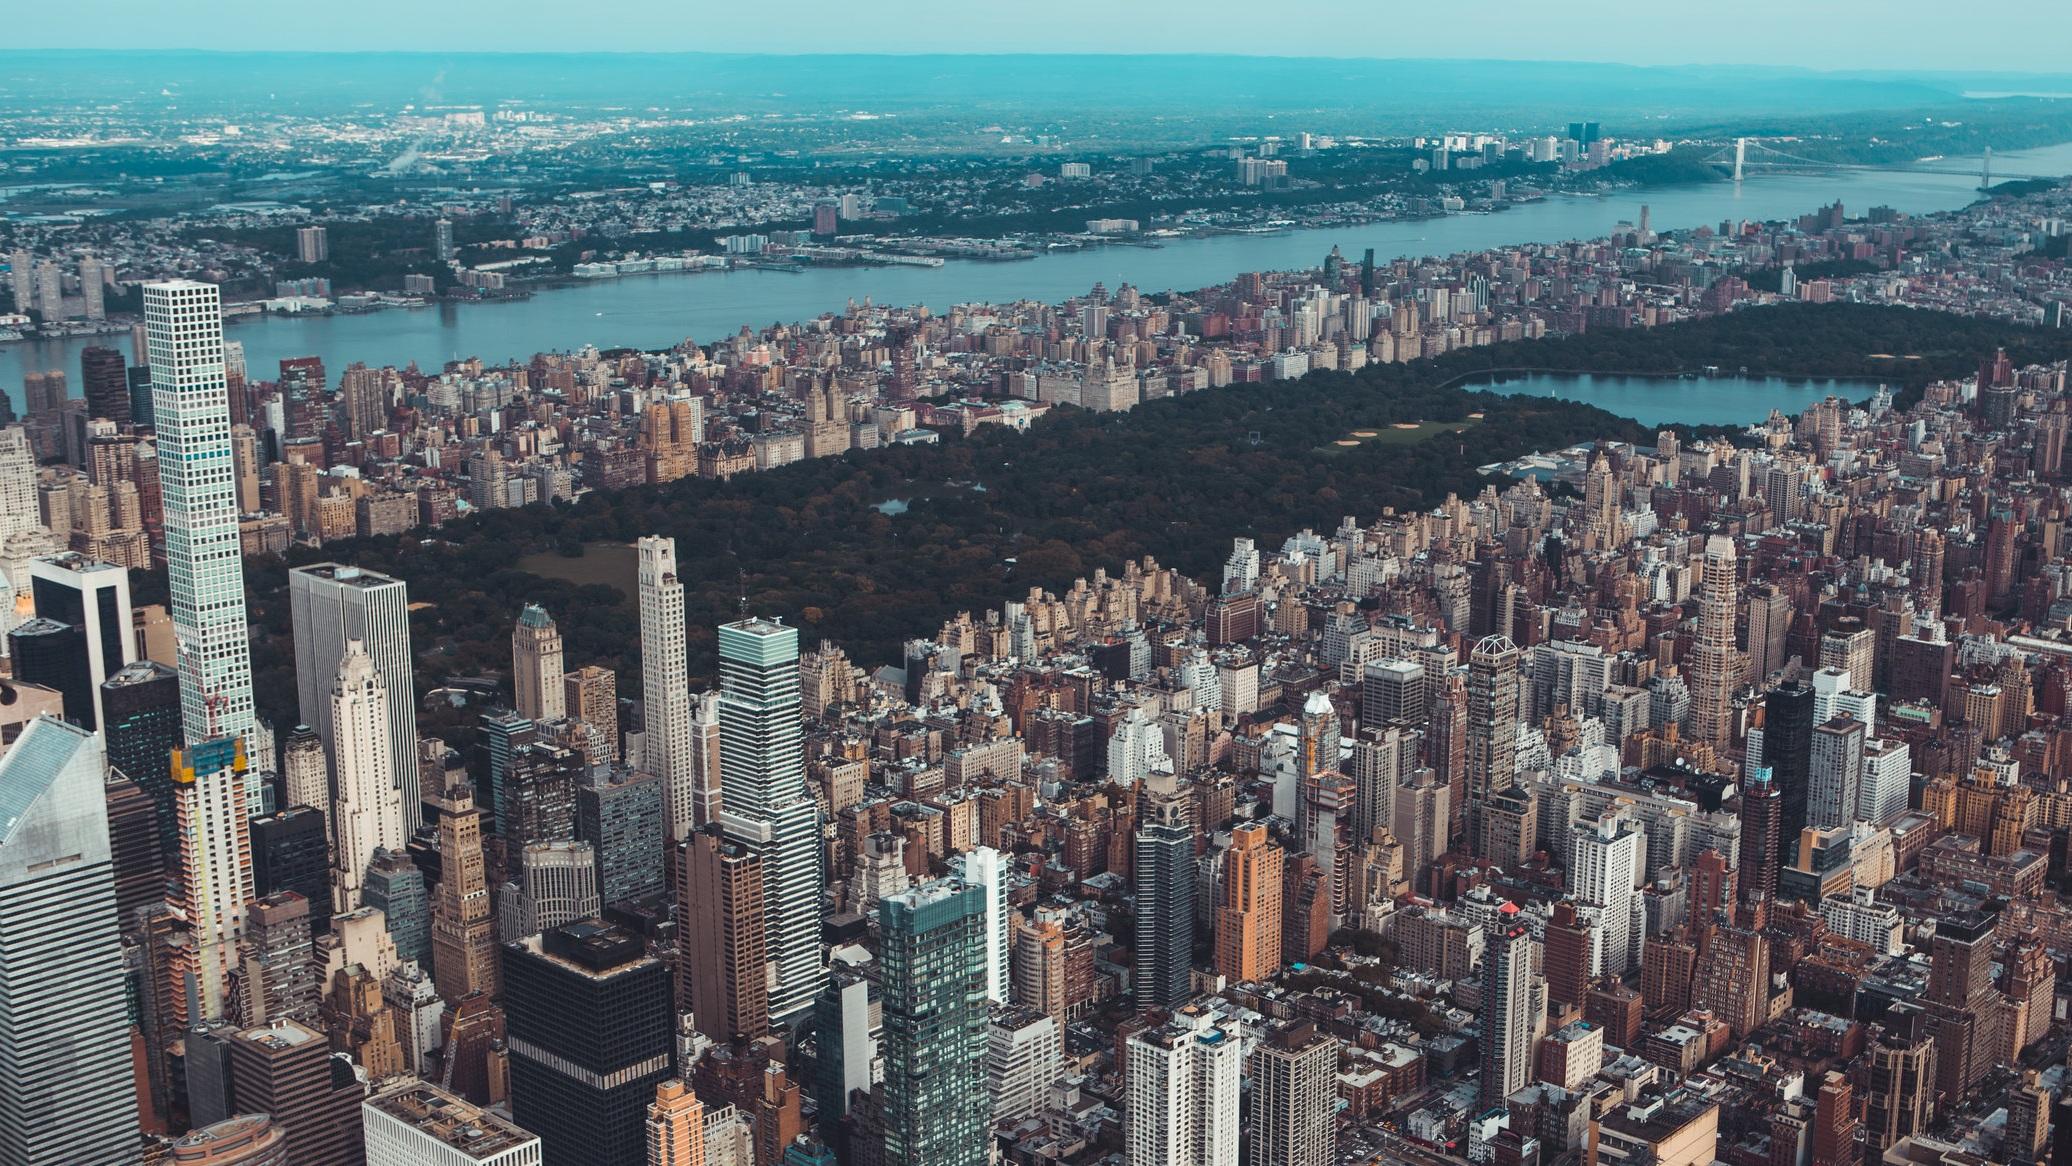 Central Park juvelen på Manhattan - Förmodligen världens mest kända park. Mitt på Manhattan, bland alla skyskrapor ligger den här 340 hektar stora park. Vill du ta en löprunda eller bara en promenad i lite lugnare miljö är det här definitivt platsen för dig. Varför inte snöra på dig skridskorna och på någon av parkens två skridskobanor, Wollman Rink och Lasker Rink.